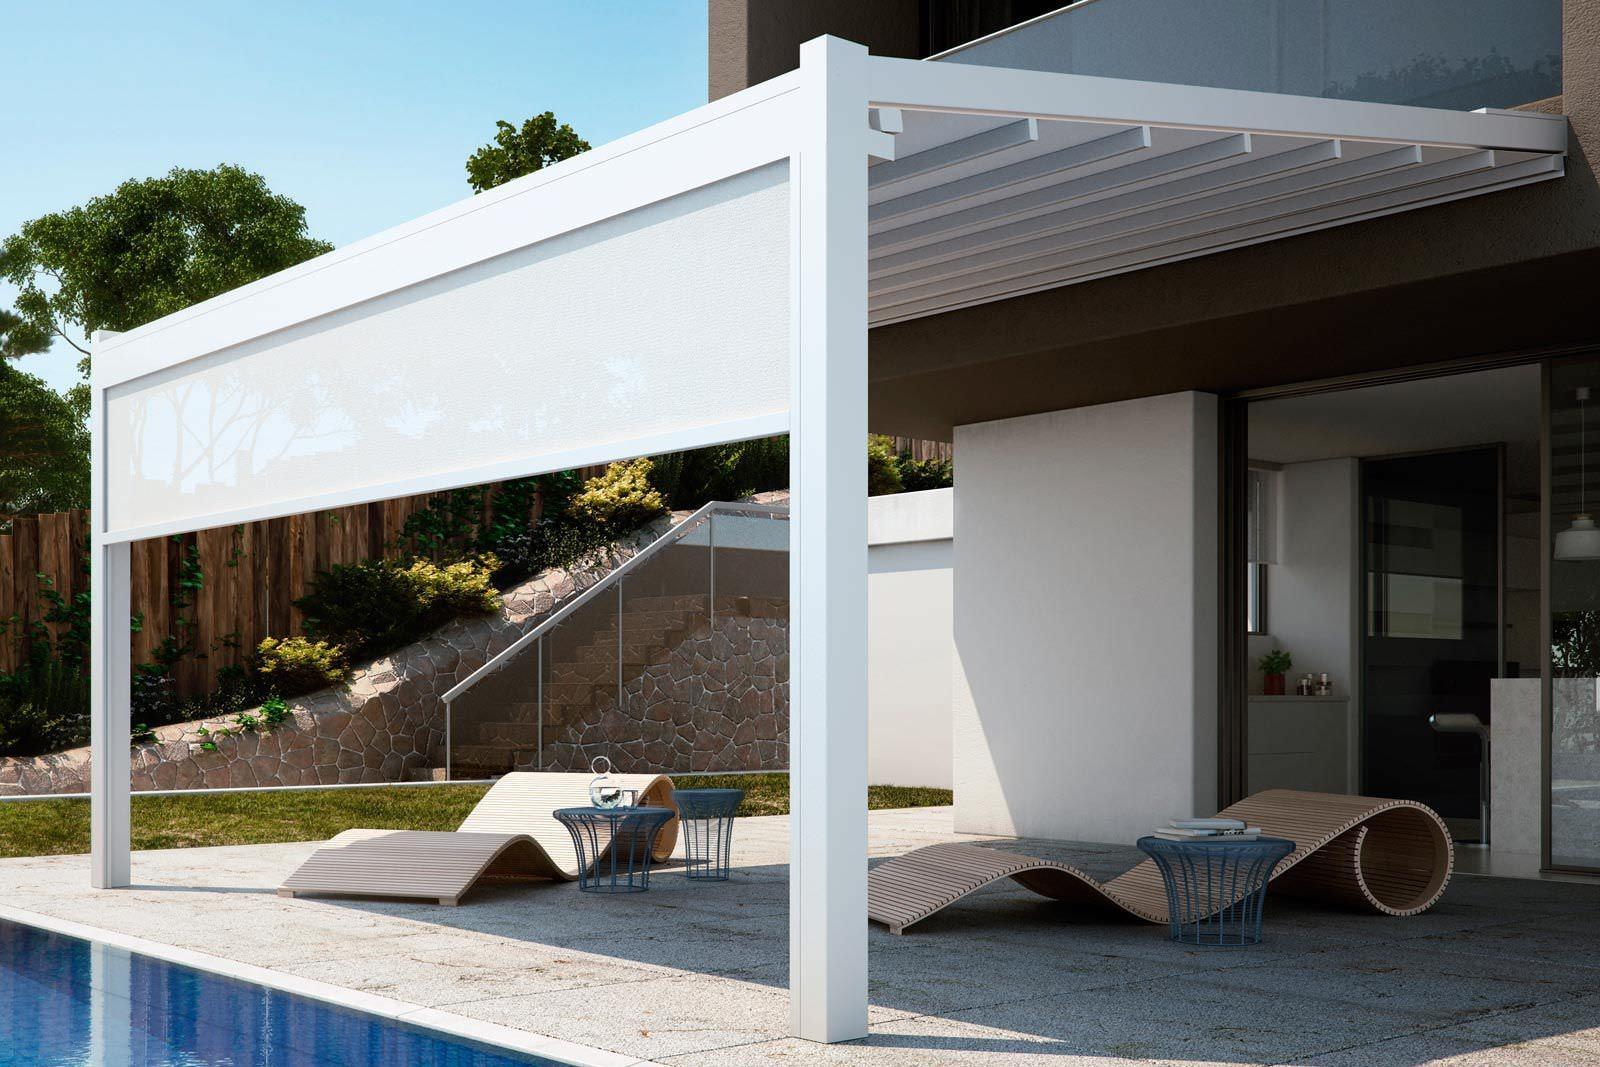 Realizzare coperture terrazzi - Coprire il tetto - Come realizzare la copertura per il terrazzo